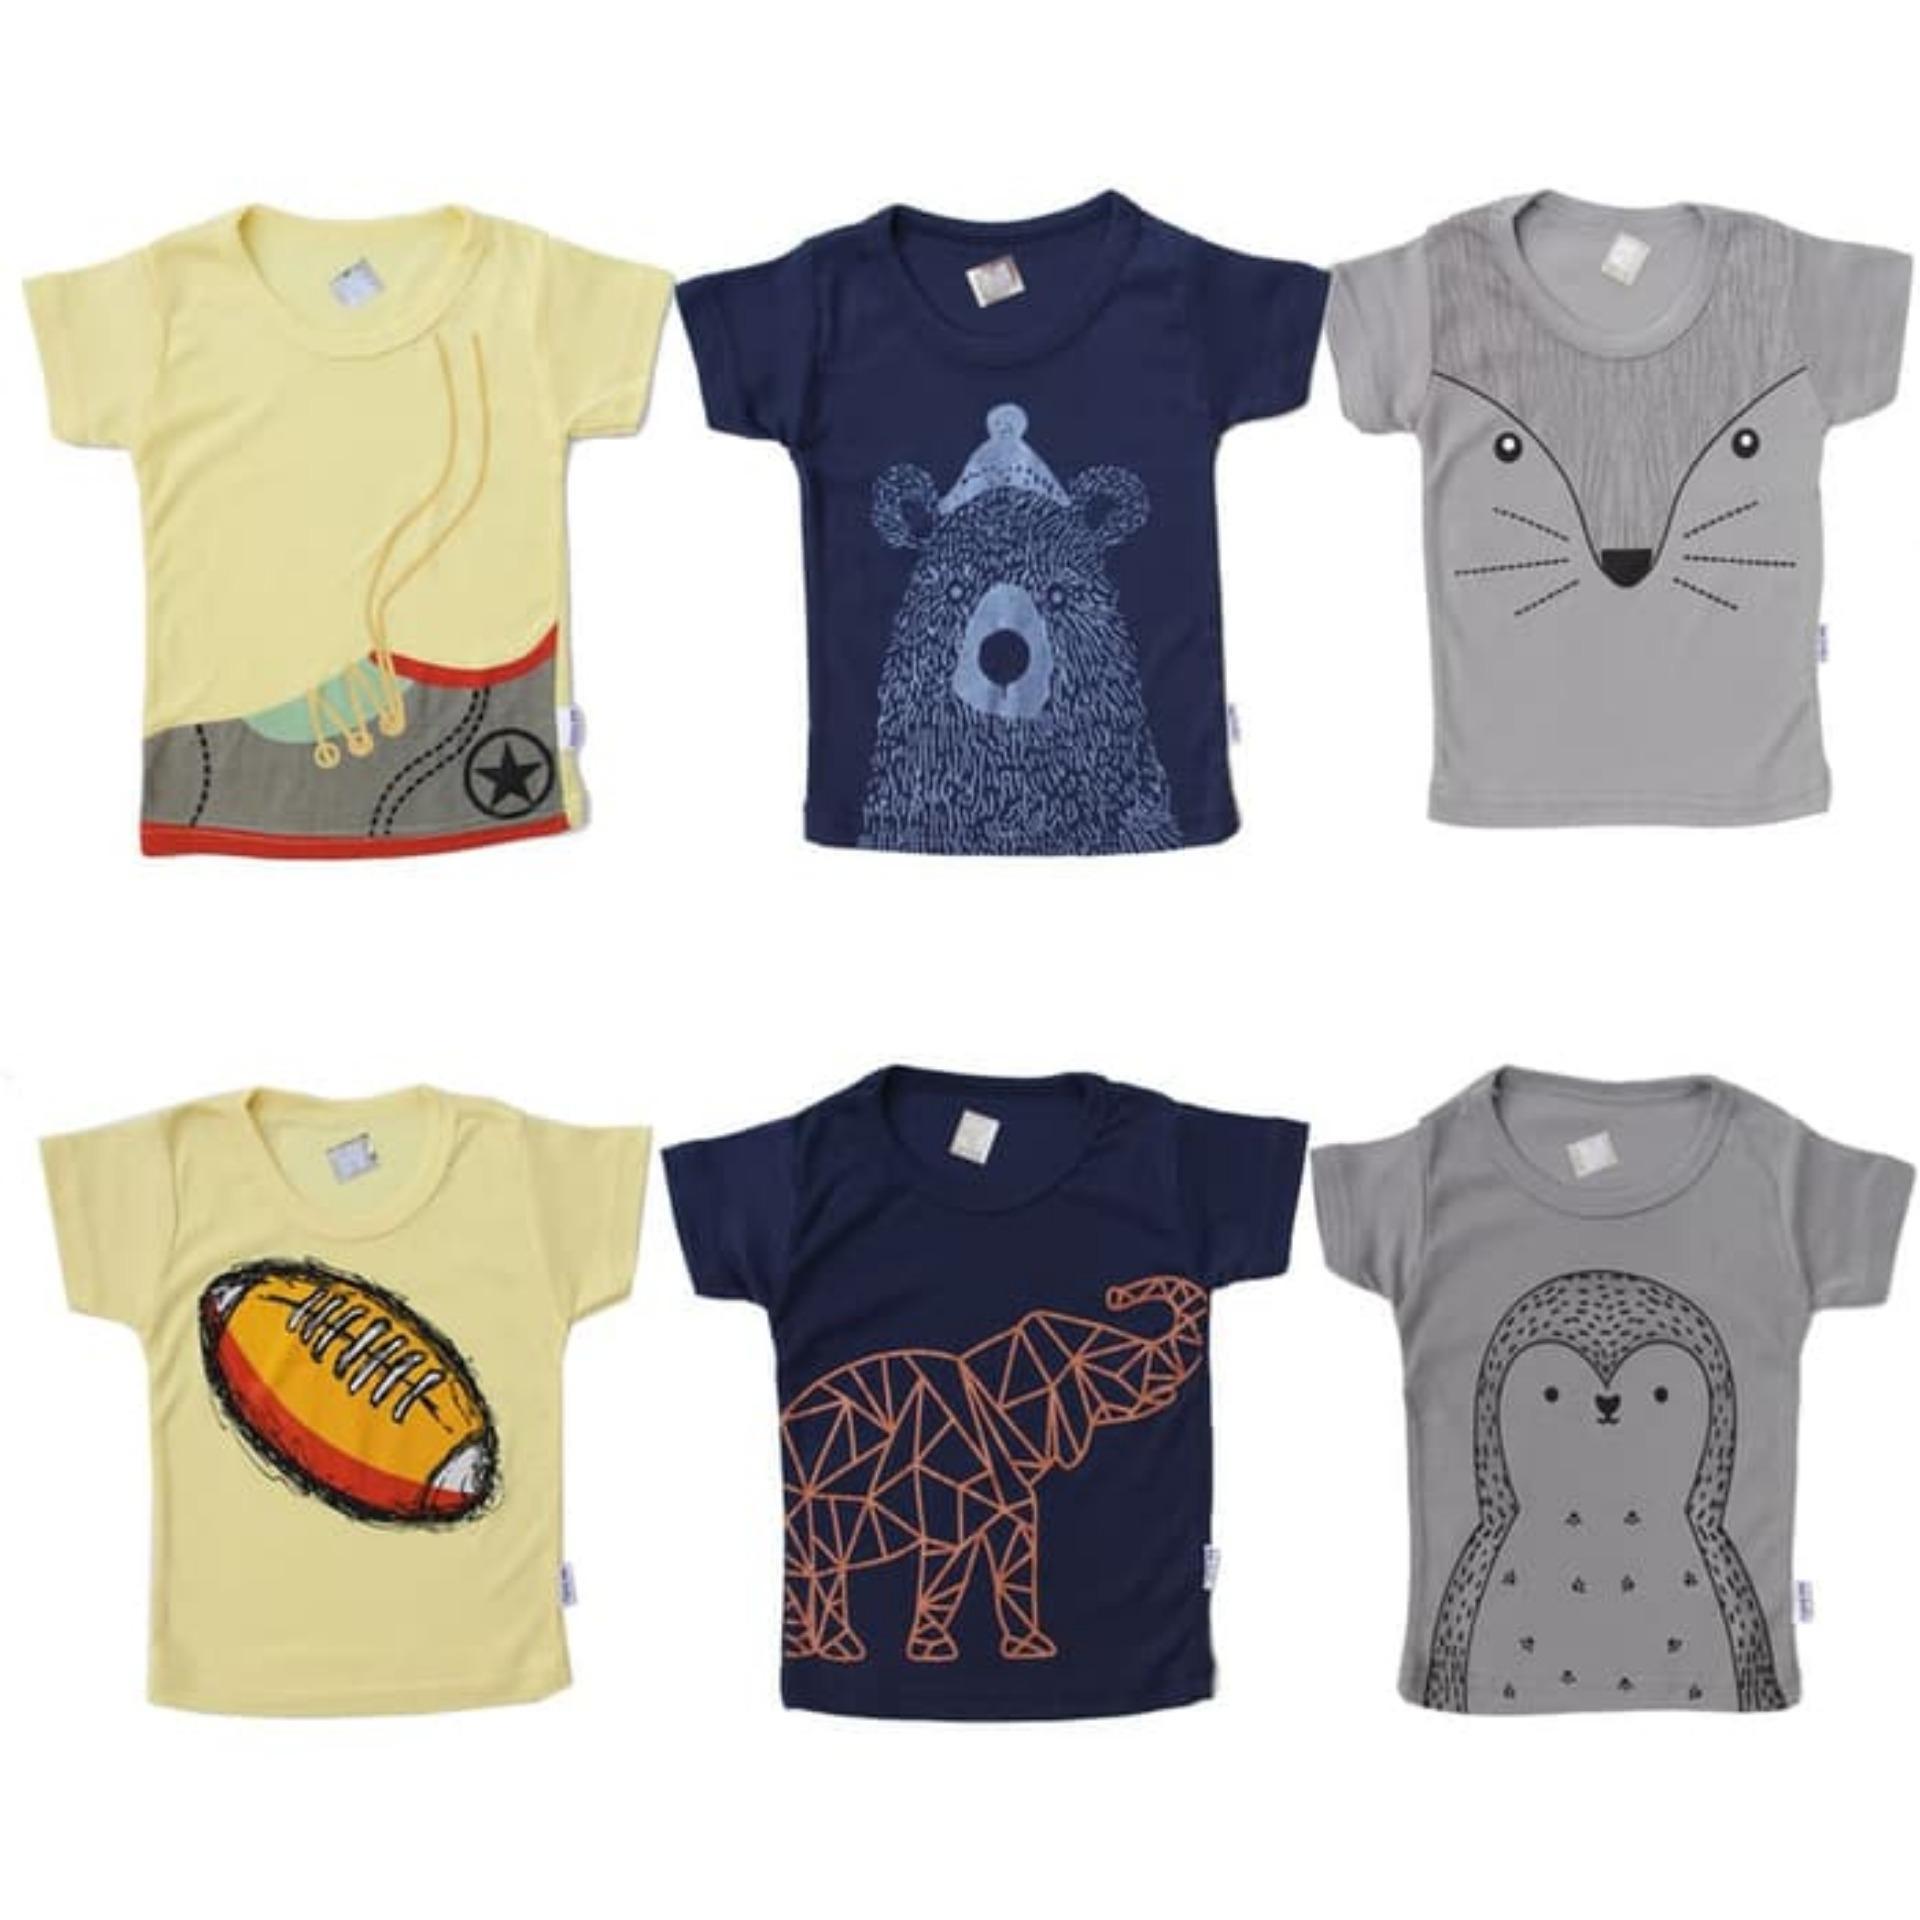 Kazel Tshirt Baby Boy - Kaos Anak Bayi - Penguin Edition - Isi 6 pcs -